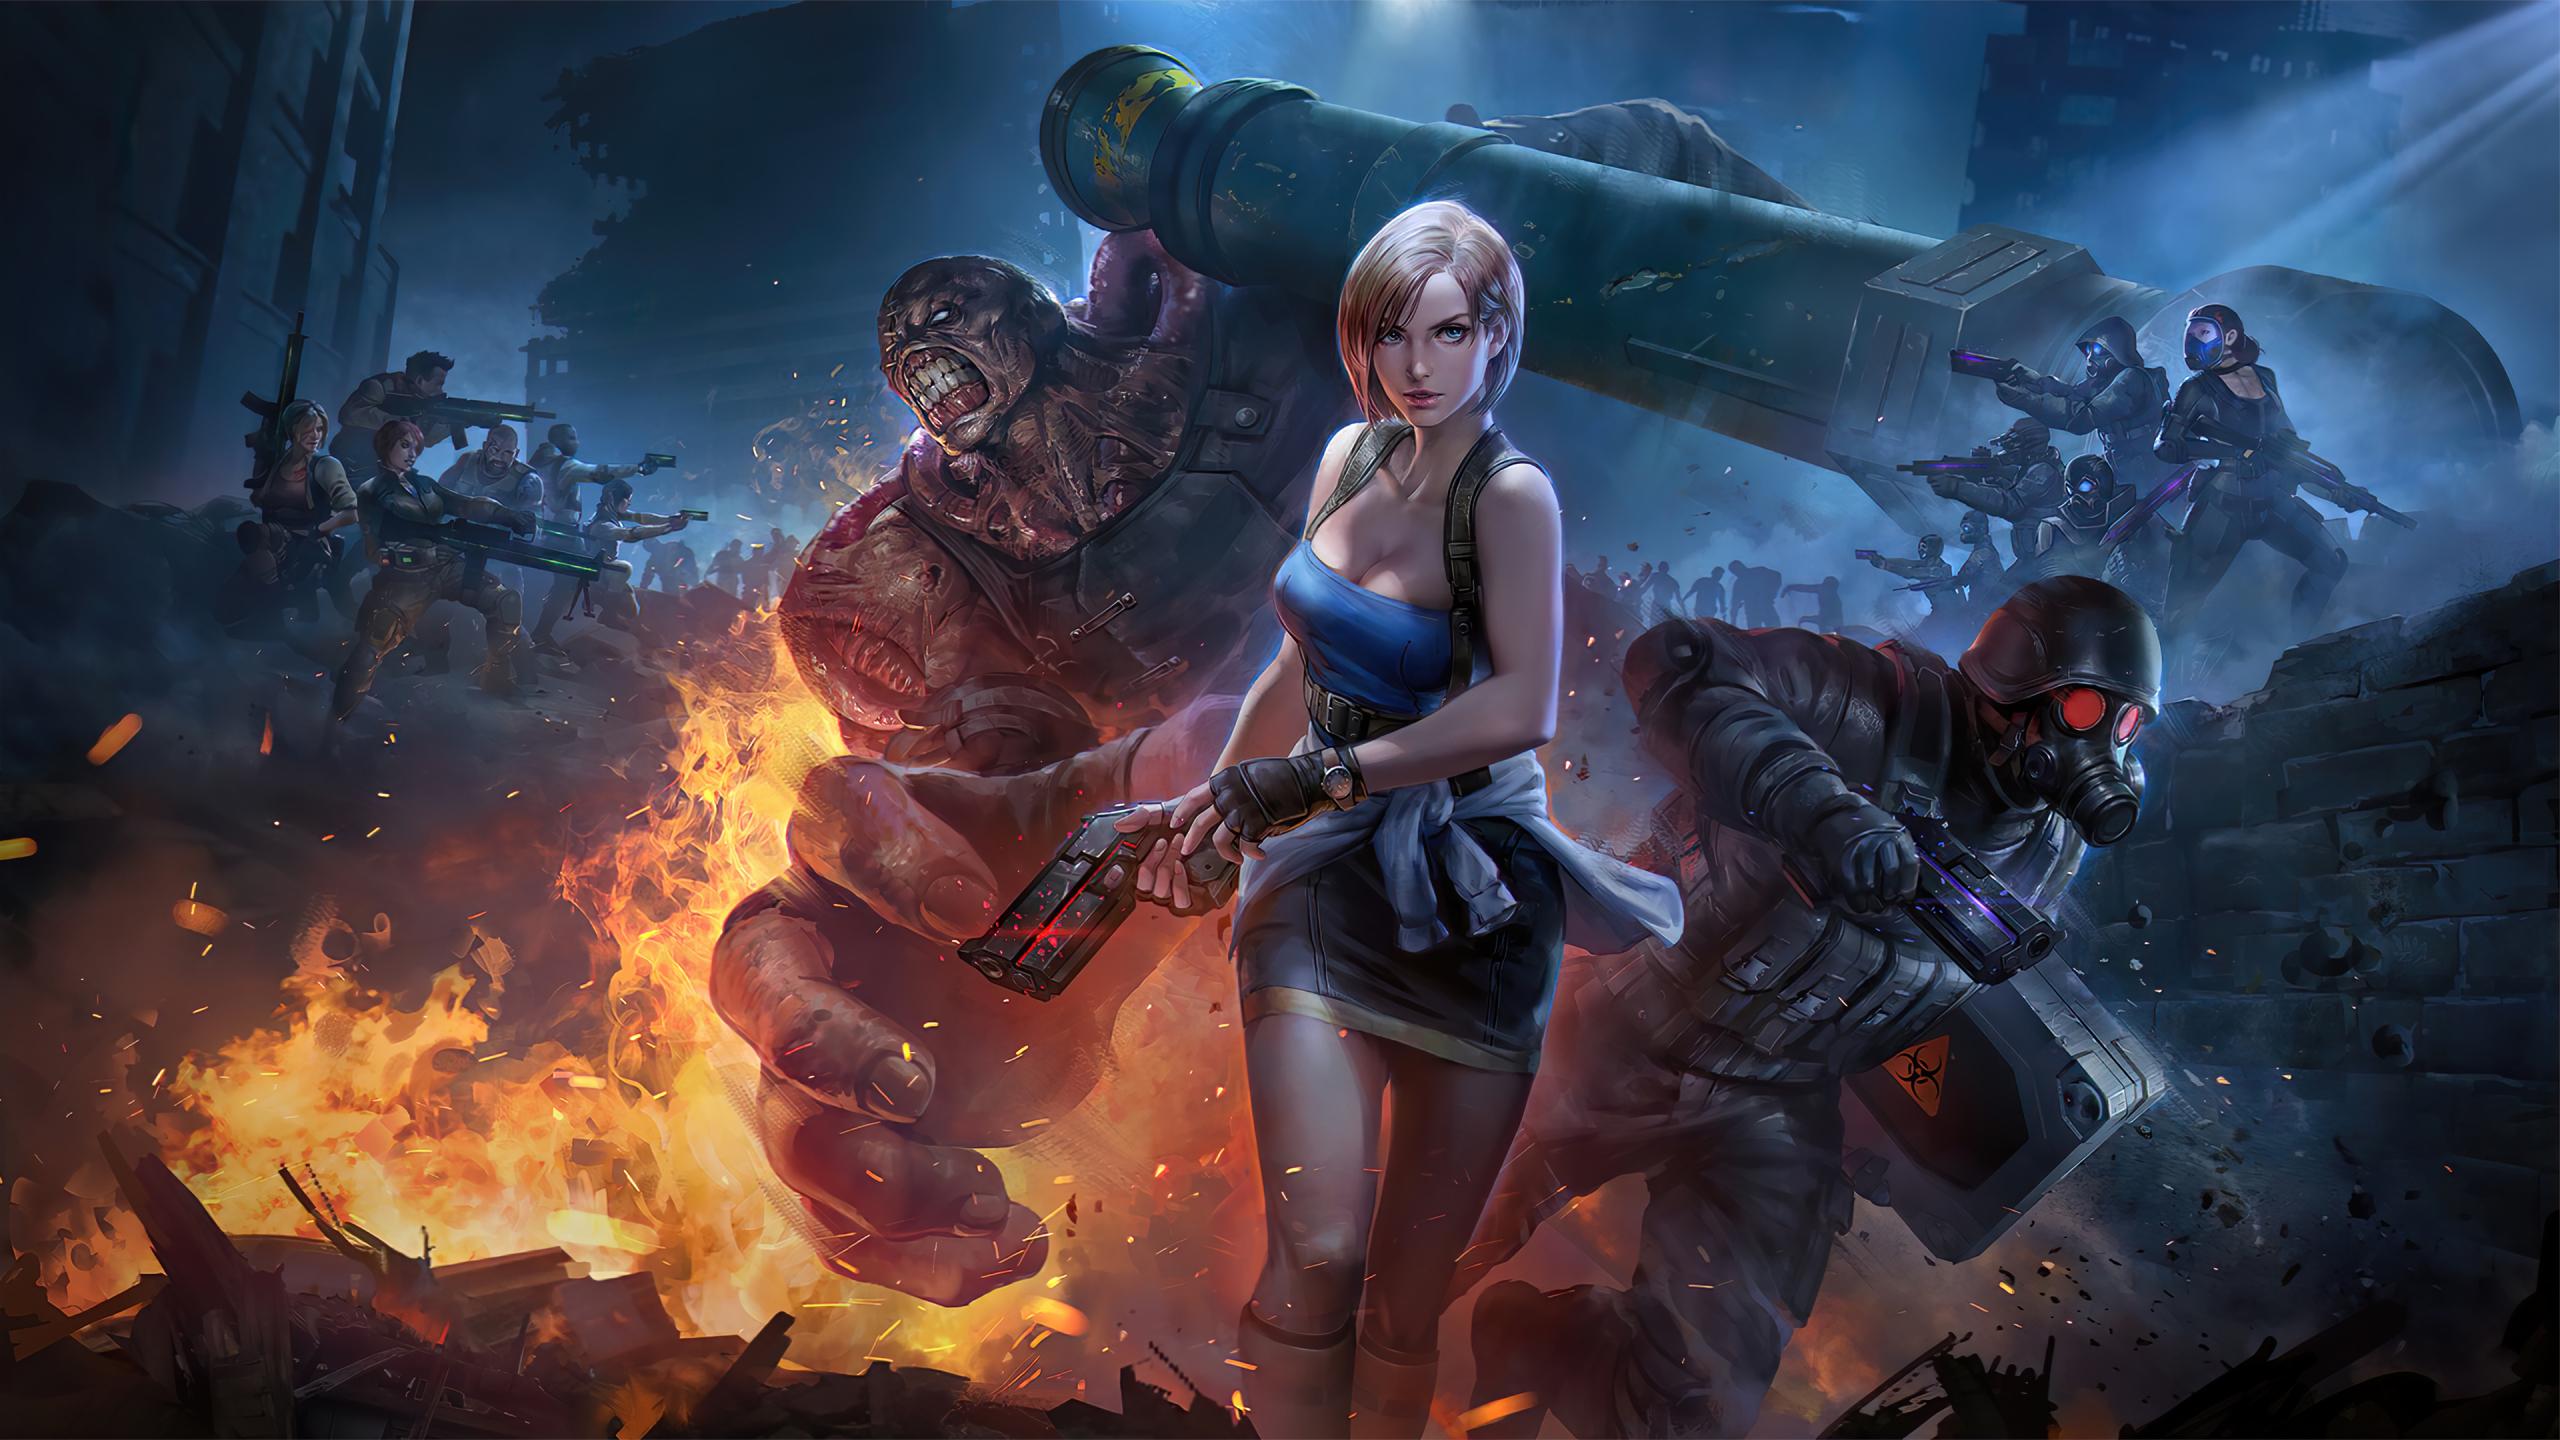 2560x1440 Resident Evil 2020 1440P Resolution Wallpaper ...